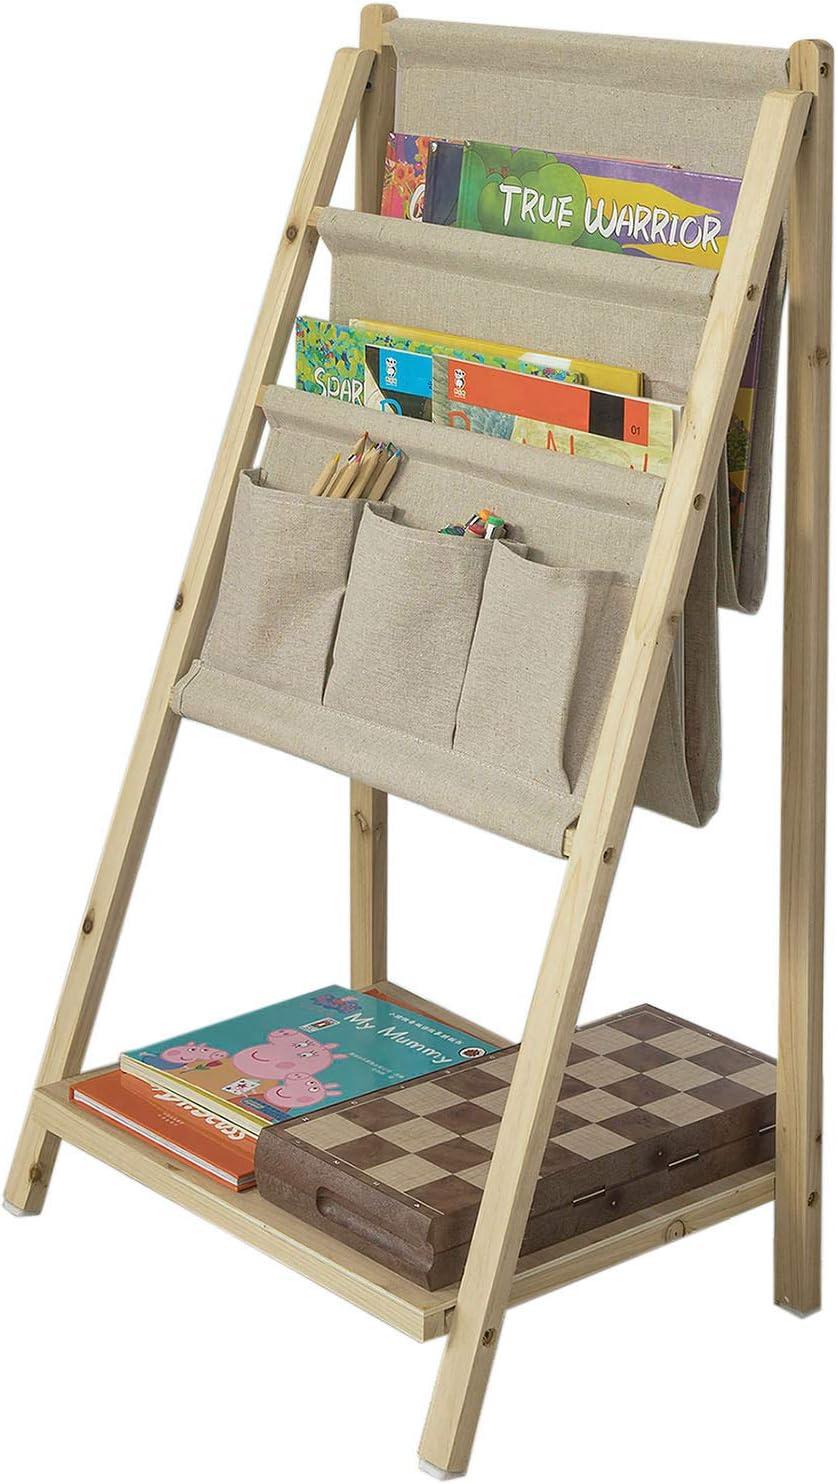 SoBuy® Librería Infantil Plegable con 3 Estanterías,Estantería Escalera,H78cm,FRG276-N,ES: Amazon.es: Hogar